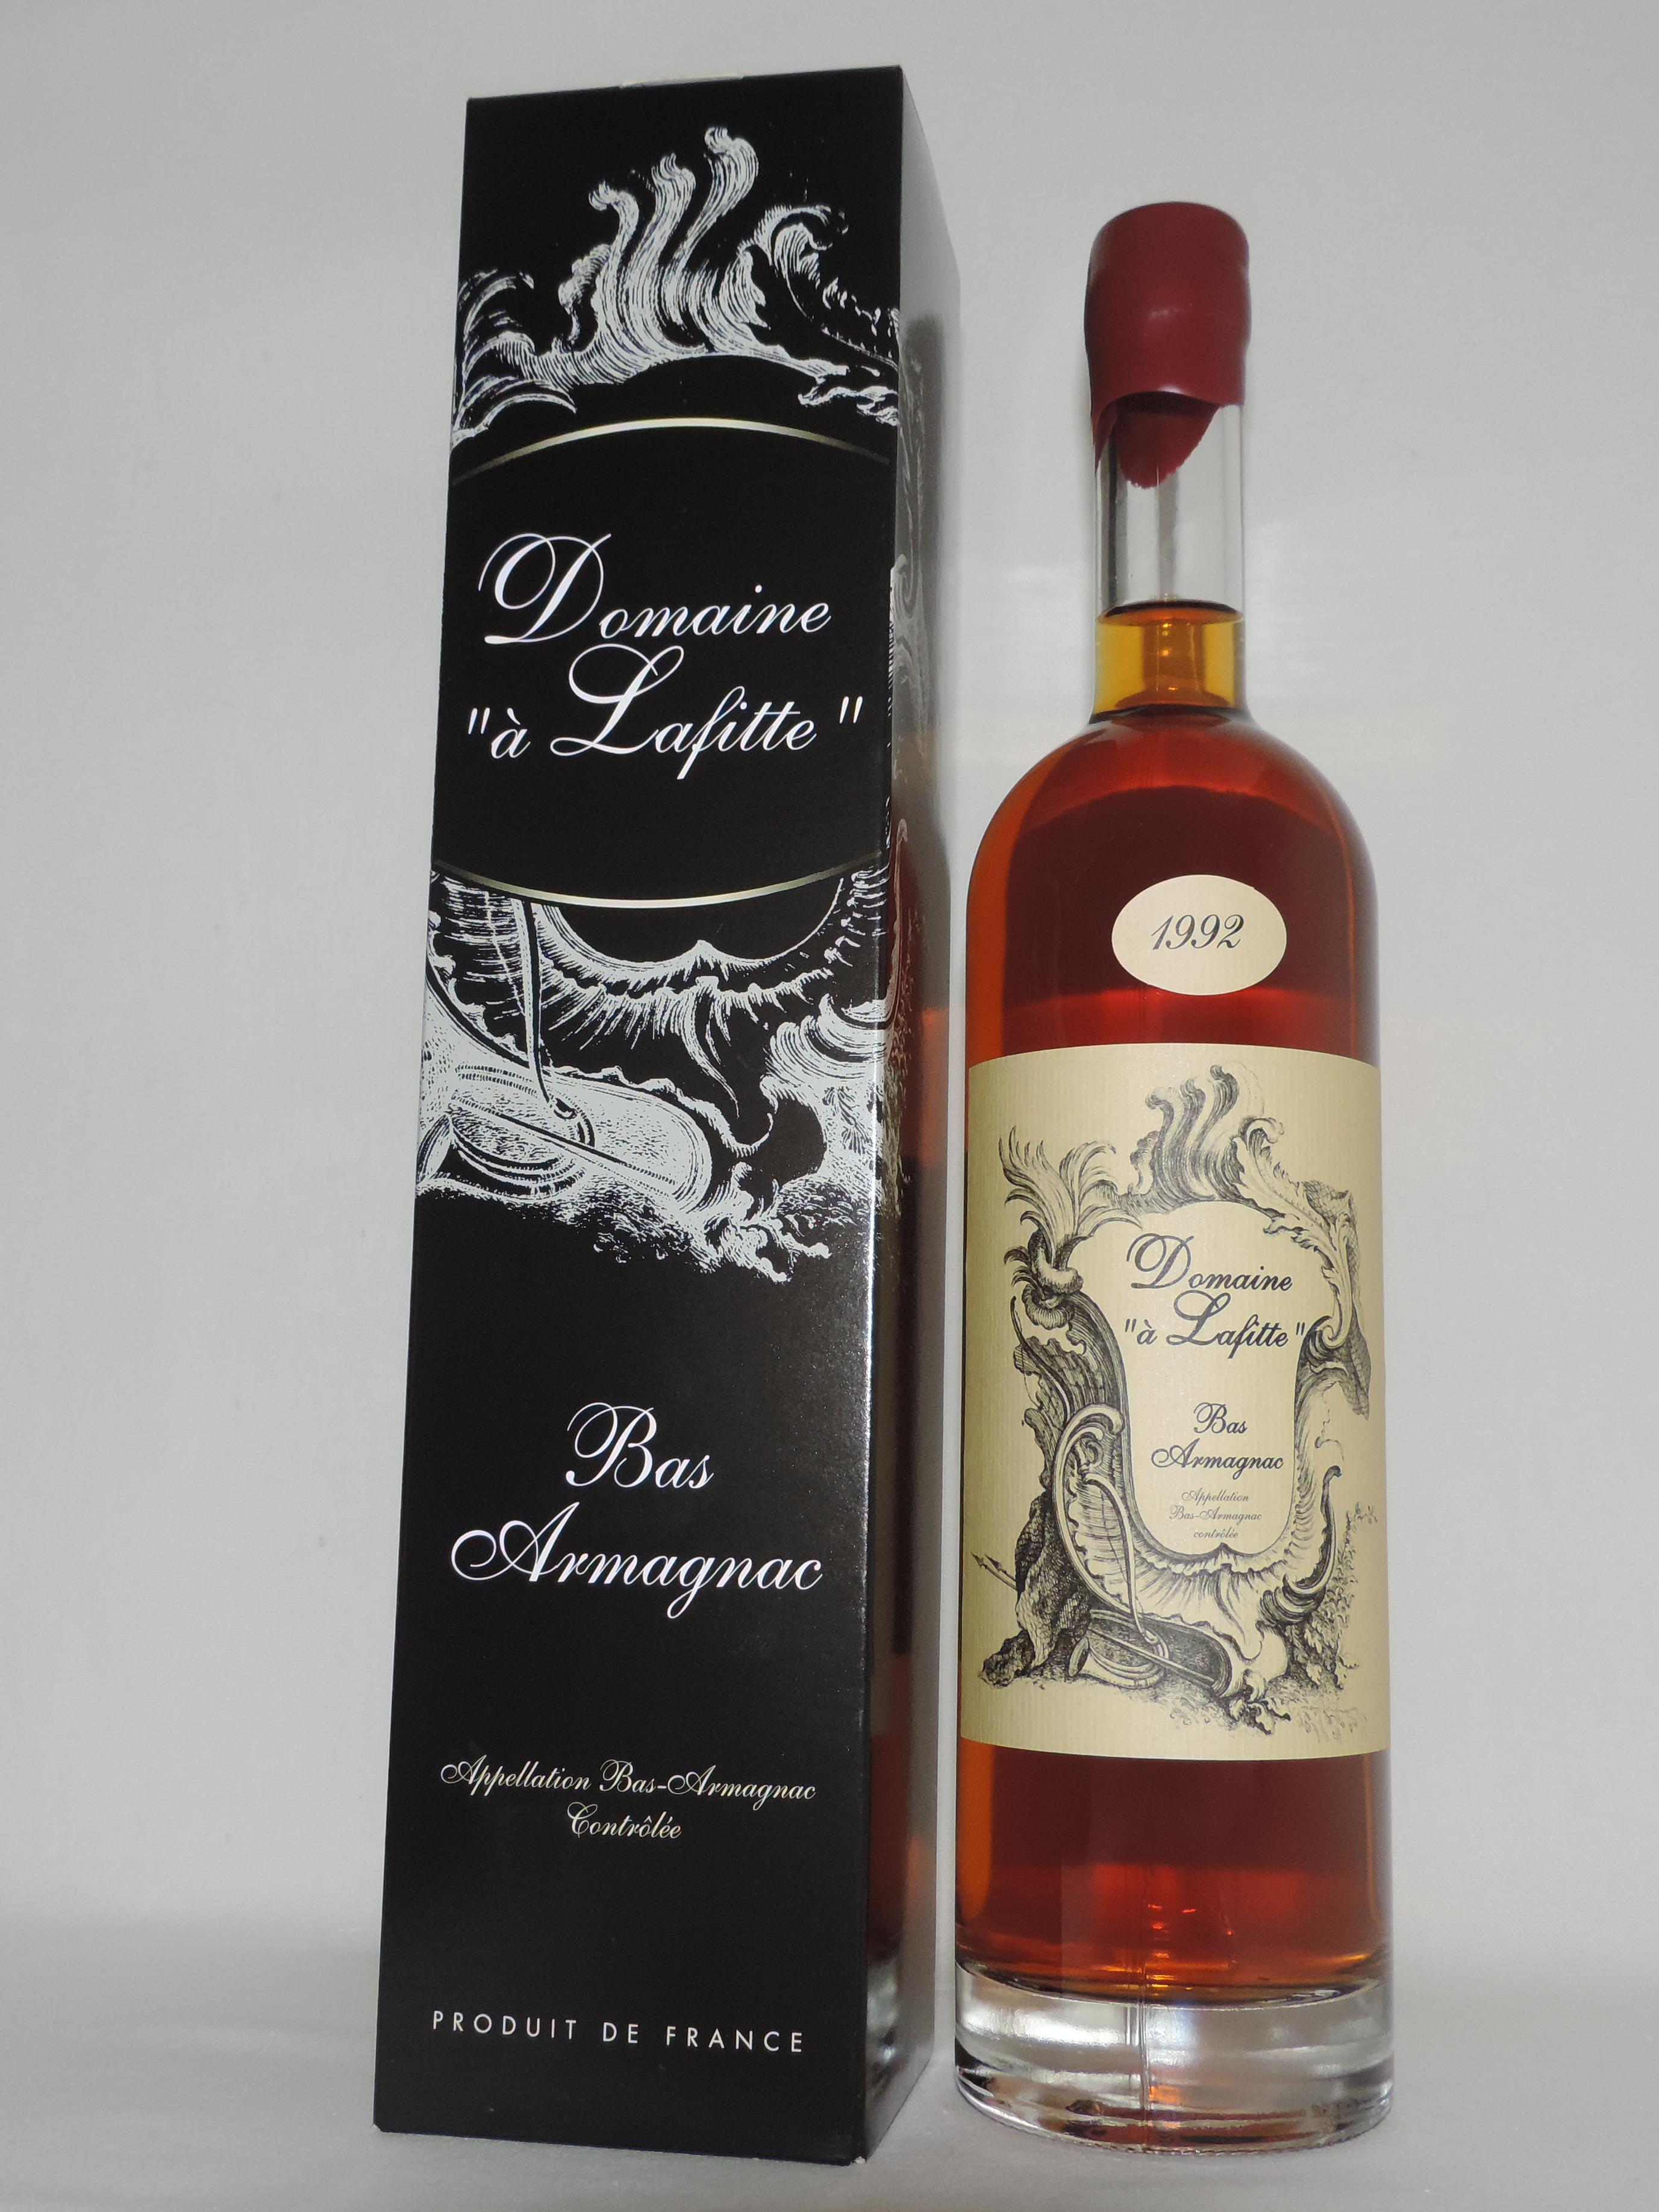 Bottle 1992 Domaine à Lafitte Bas Armagnac